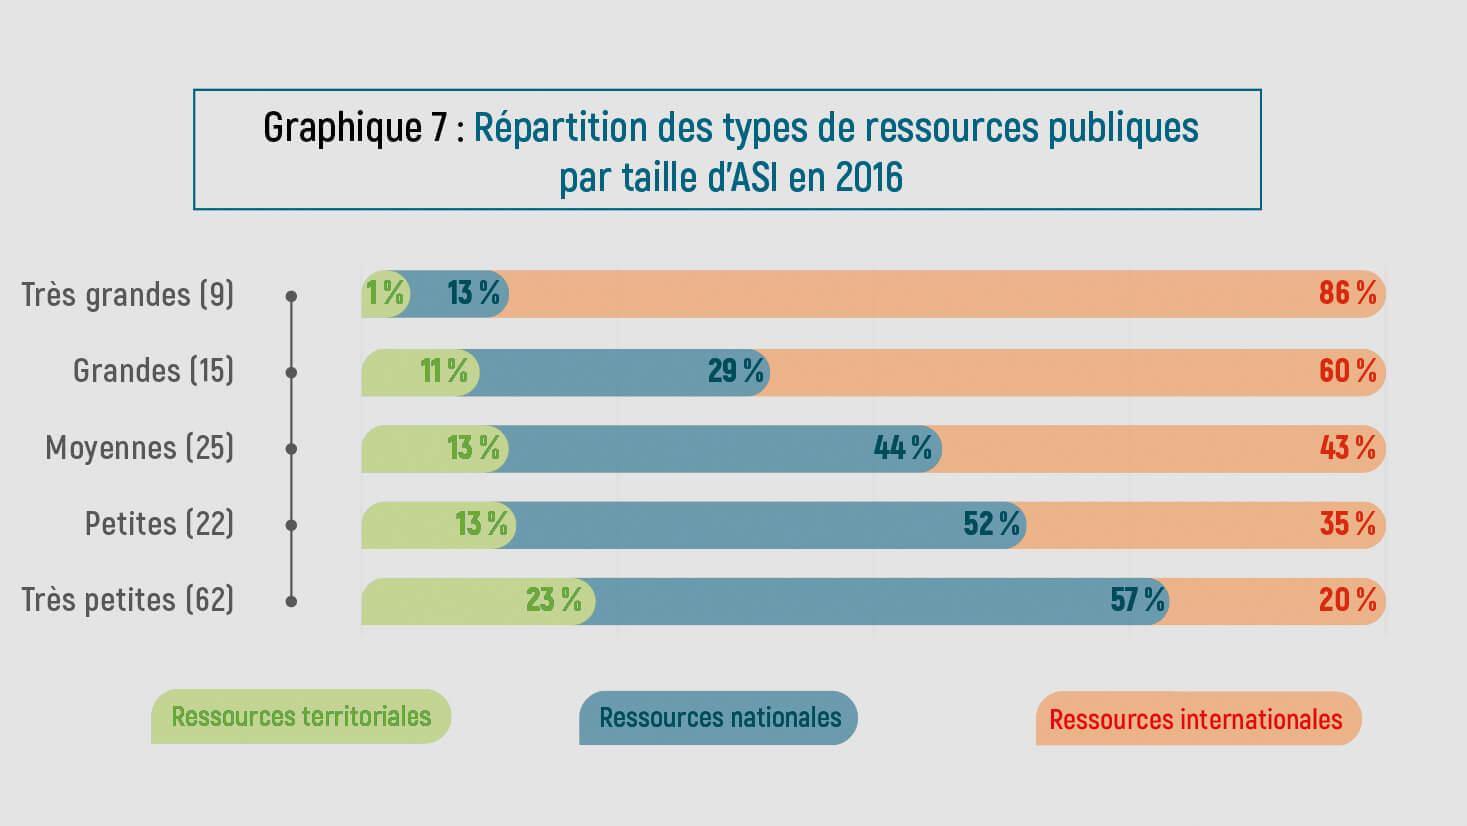 Type de ressources publiques par taille d'AIS